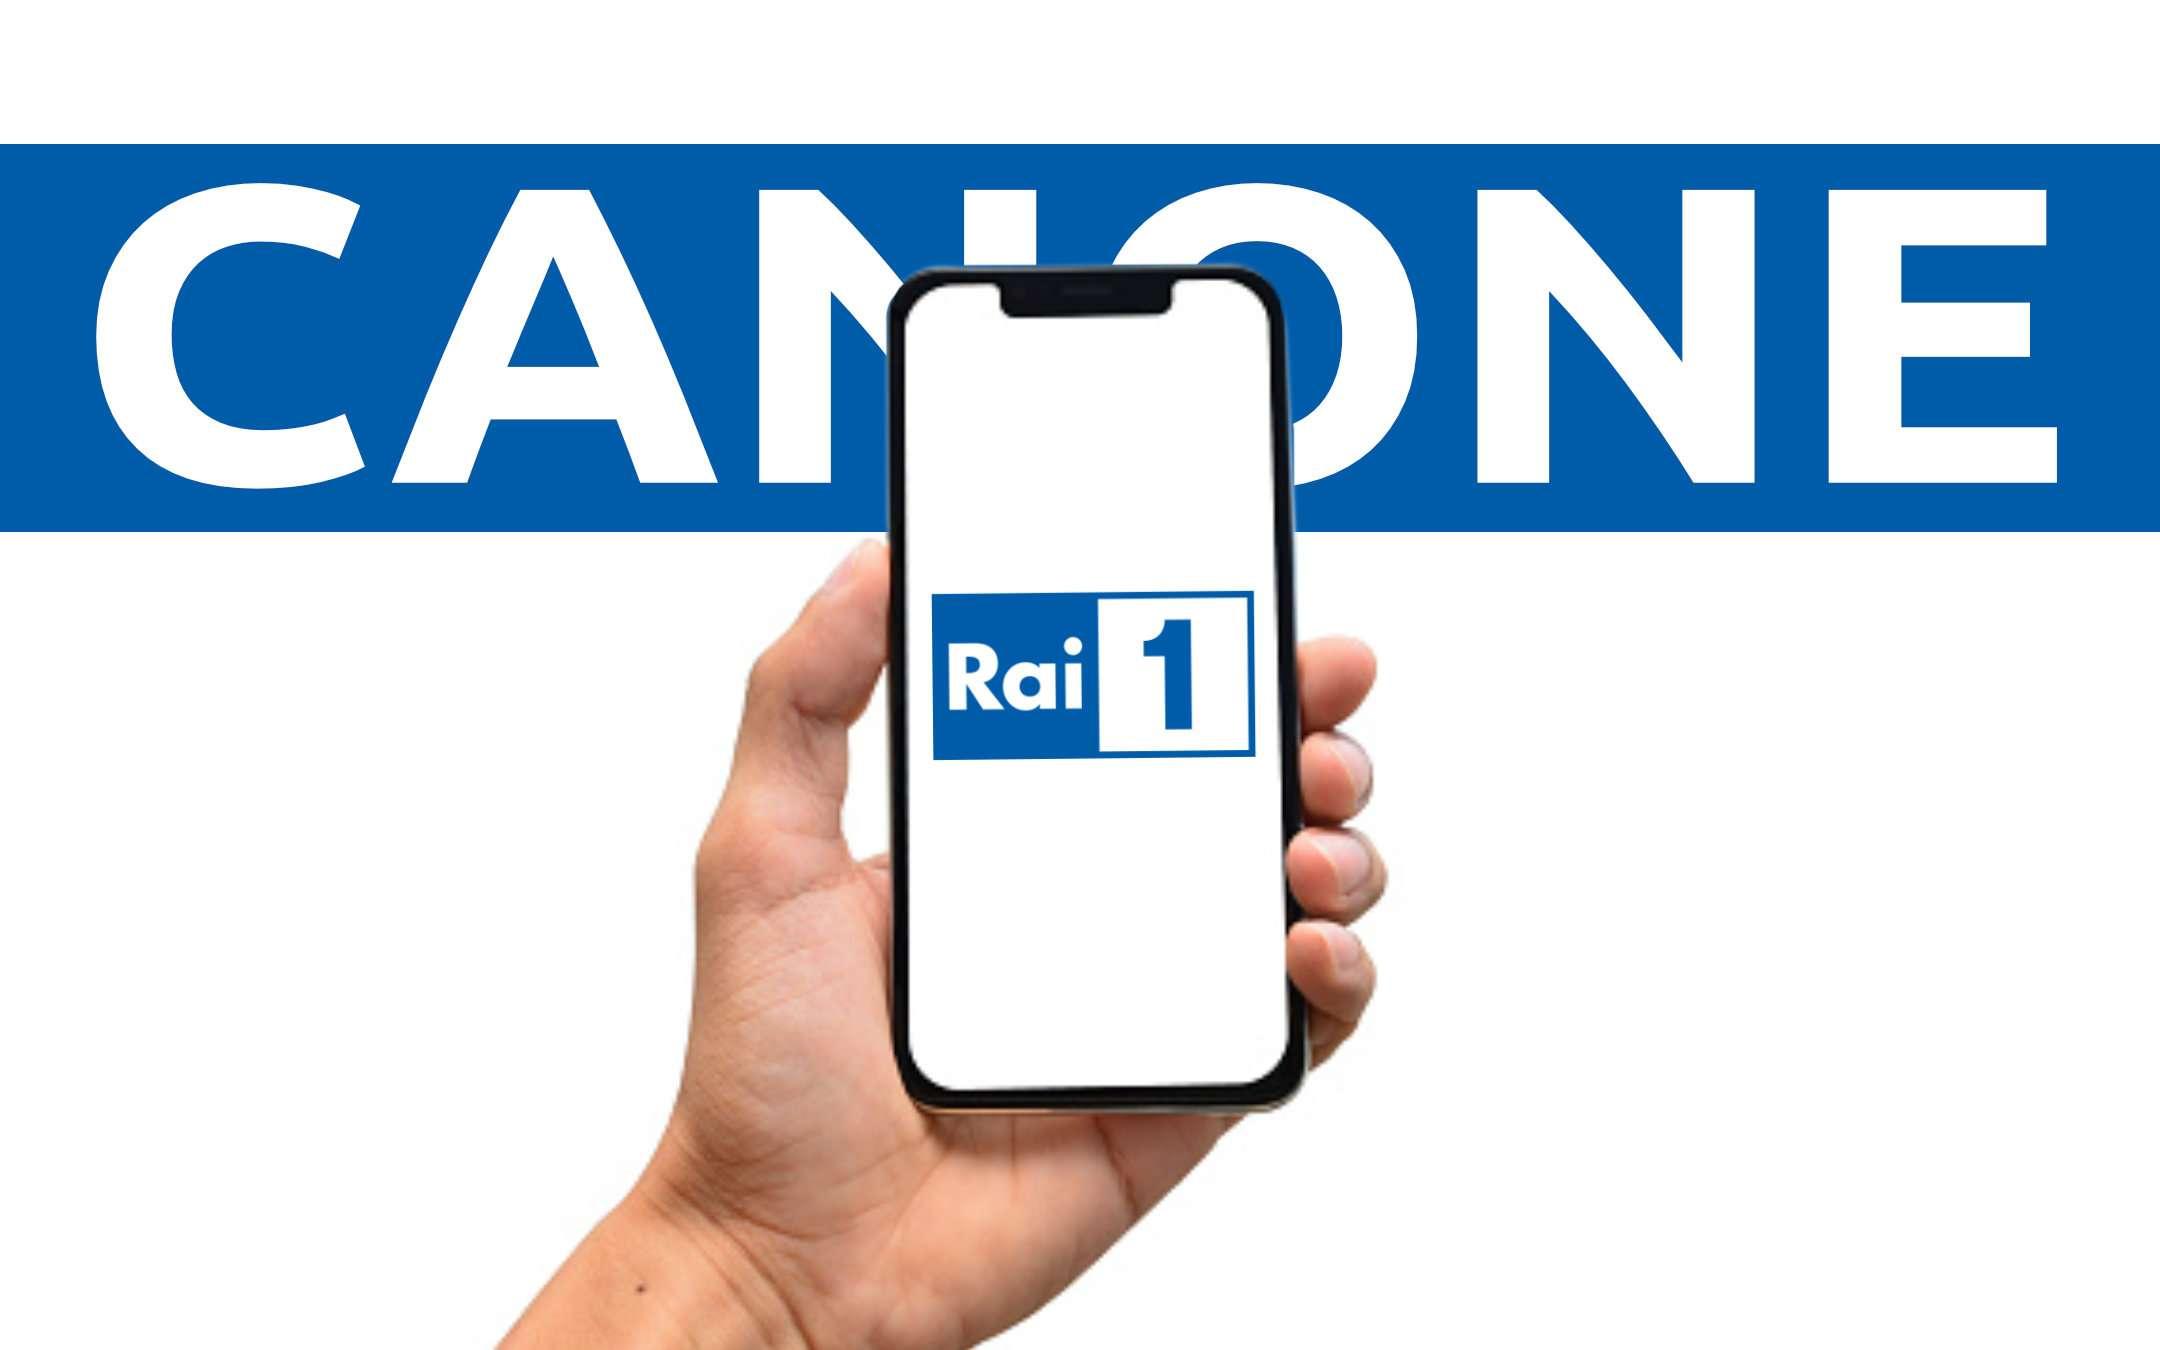 Canone TV per smartphone e tablet, arriva la proposta di RAI